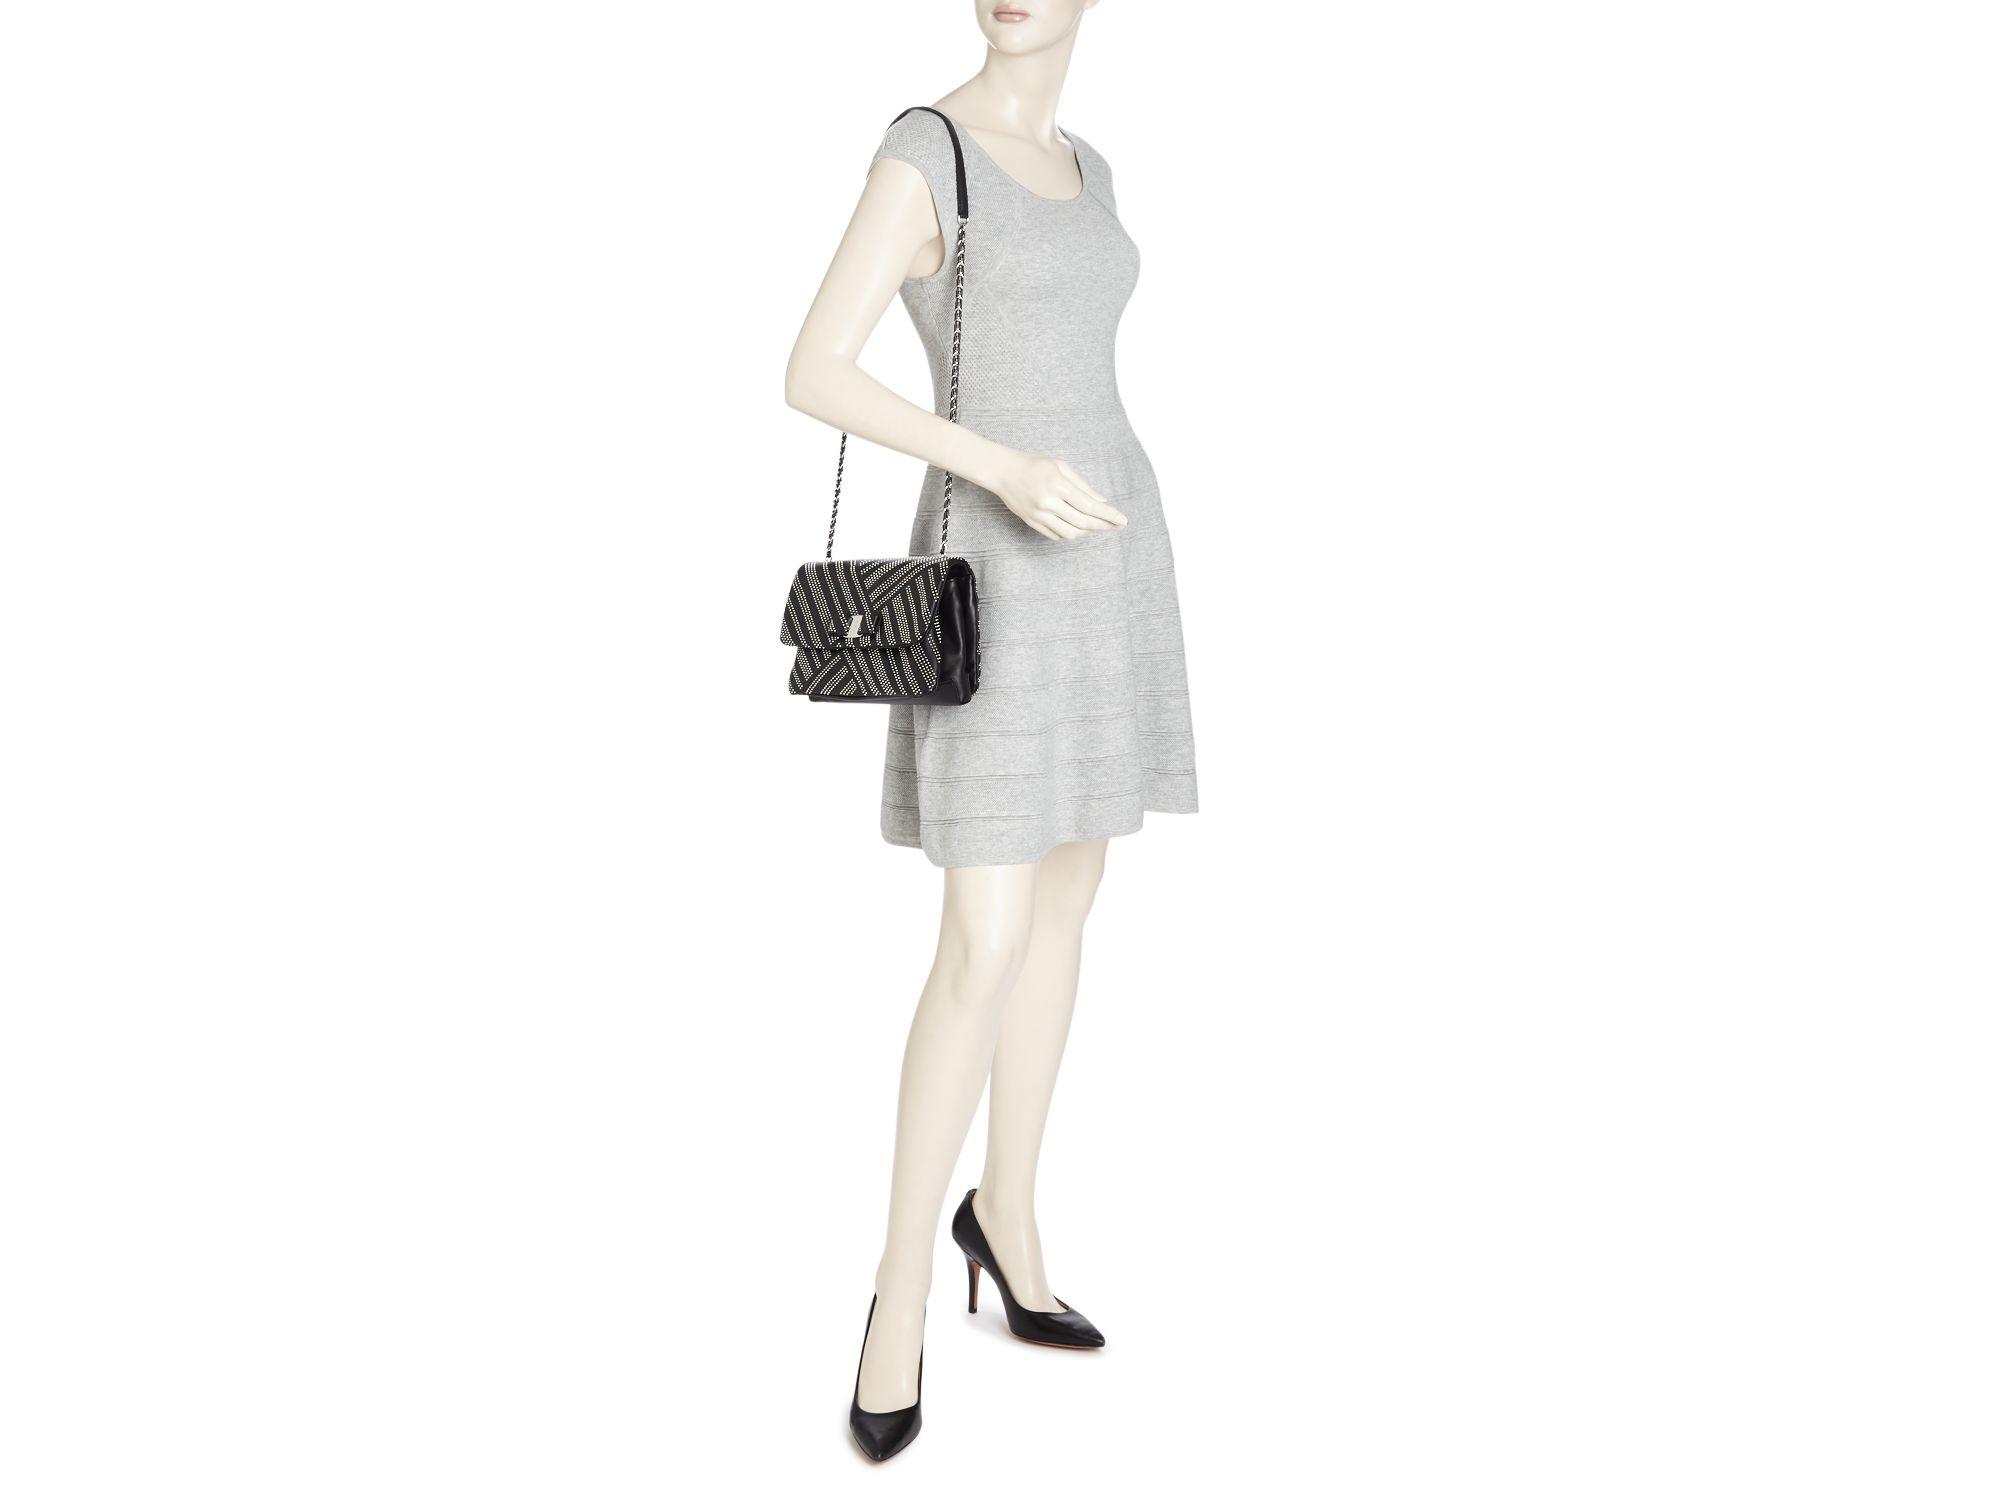 Lyst - Ferragamo Gelly Medium Stud Shoulder Bag in Black 4cd30adb9159e